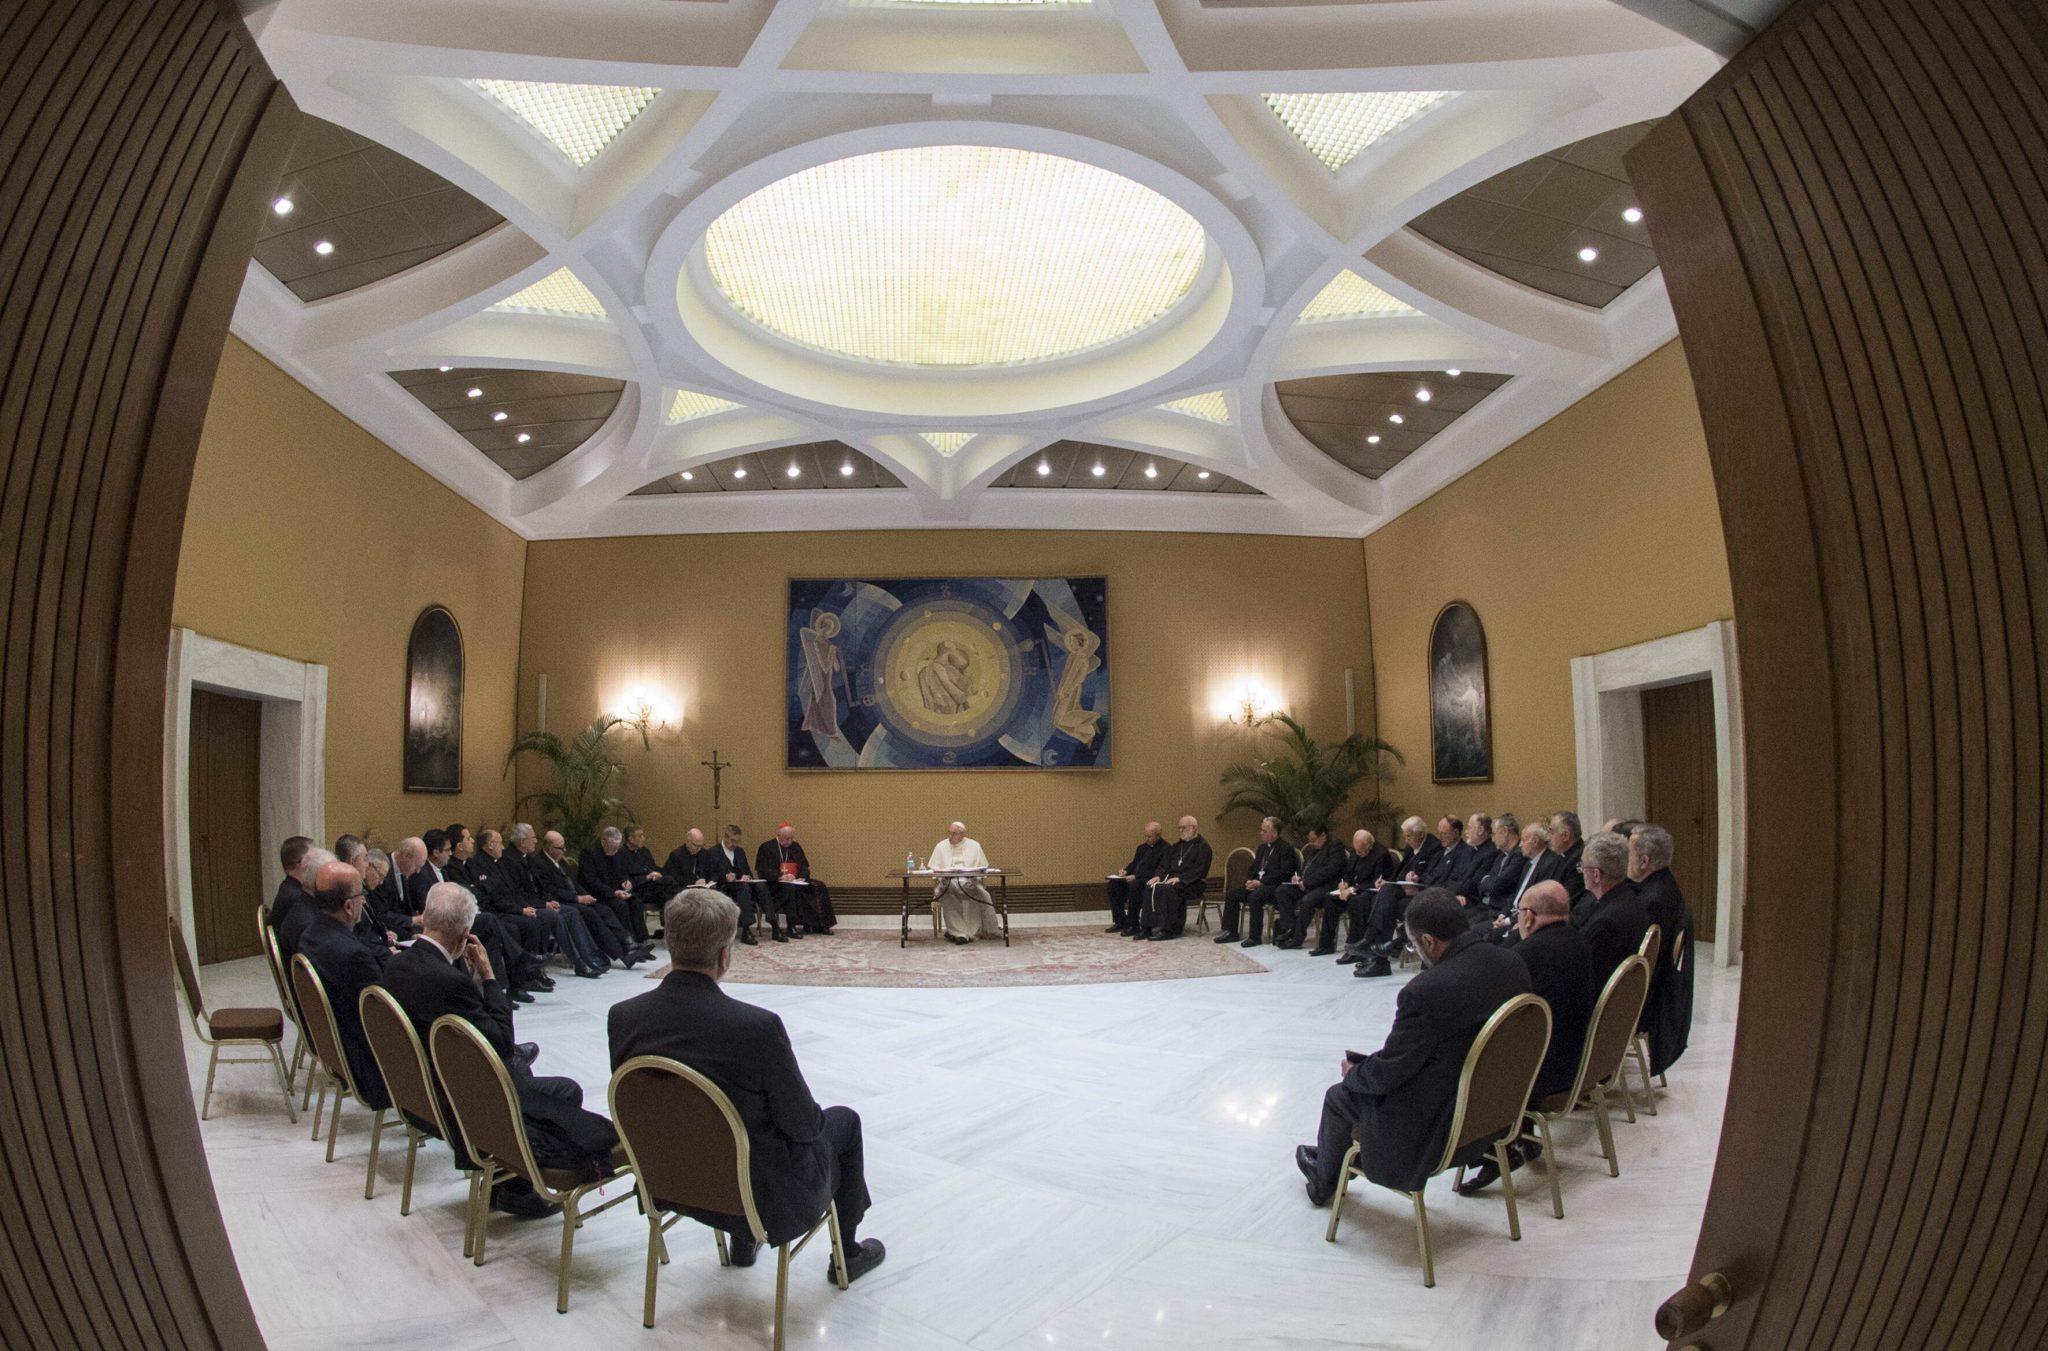 So sah das aus: Das Treffen der Bischöfe mit dem Papst